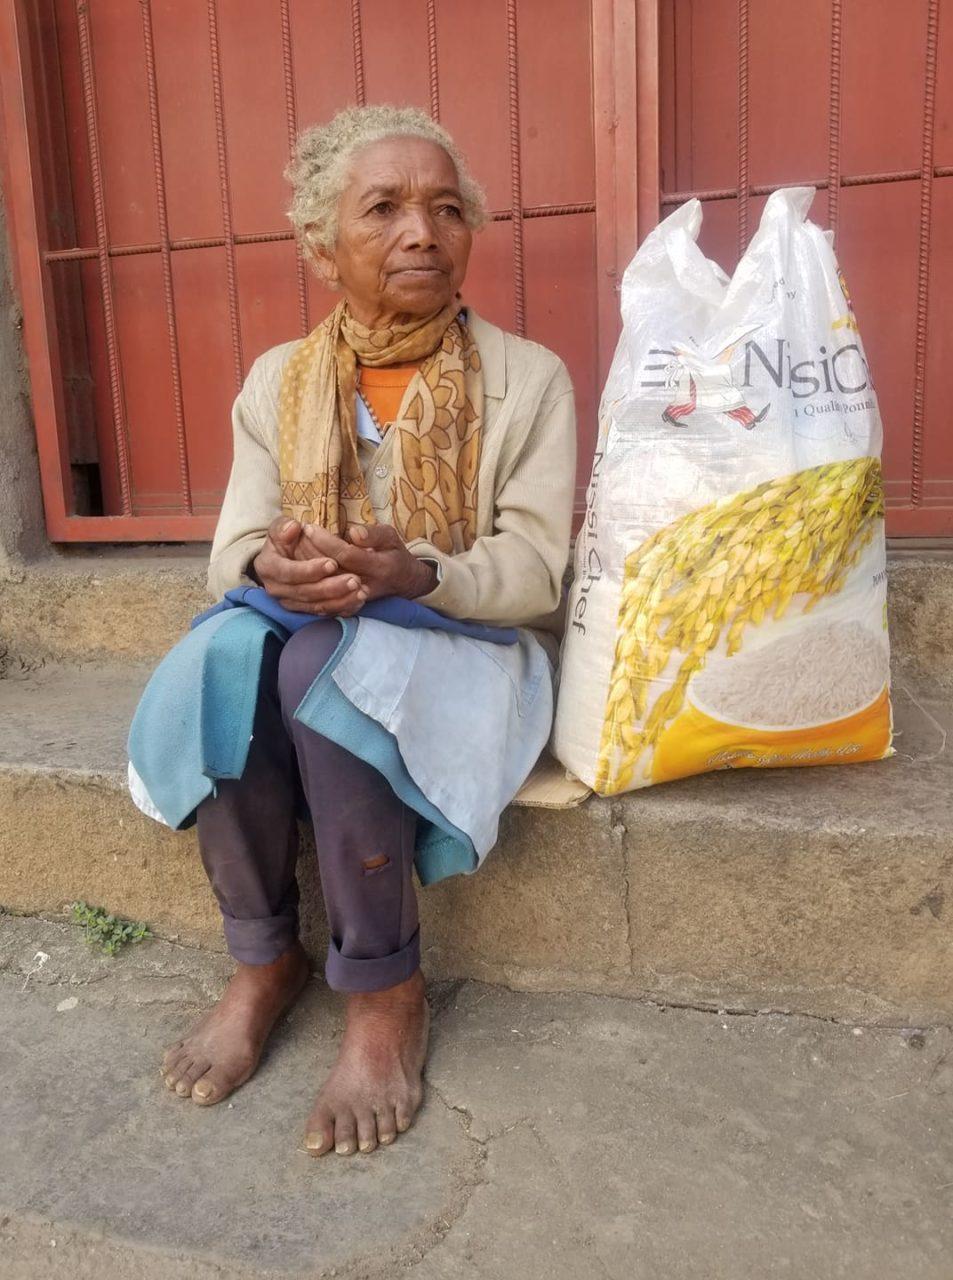 Odile - samotna wdowa, która już od lat żyje na ulicy